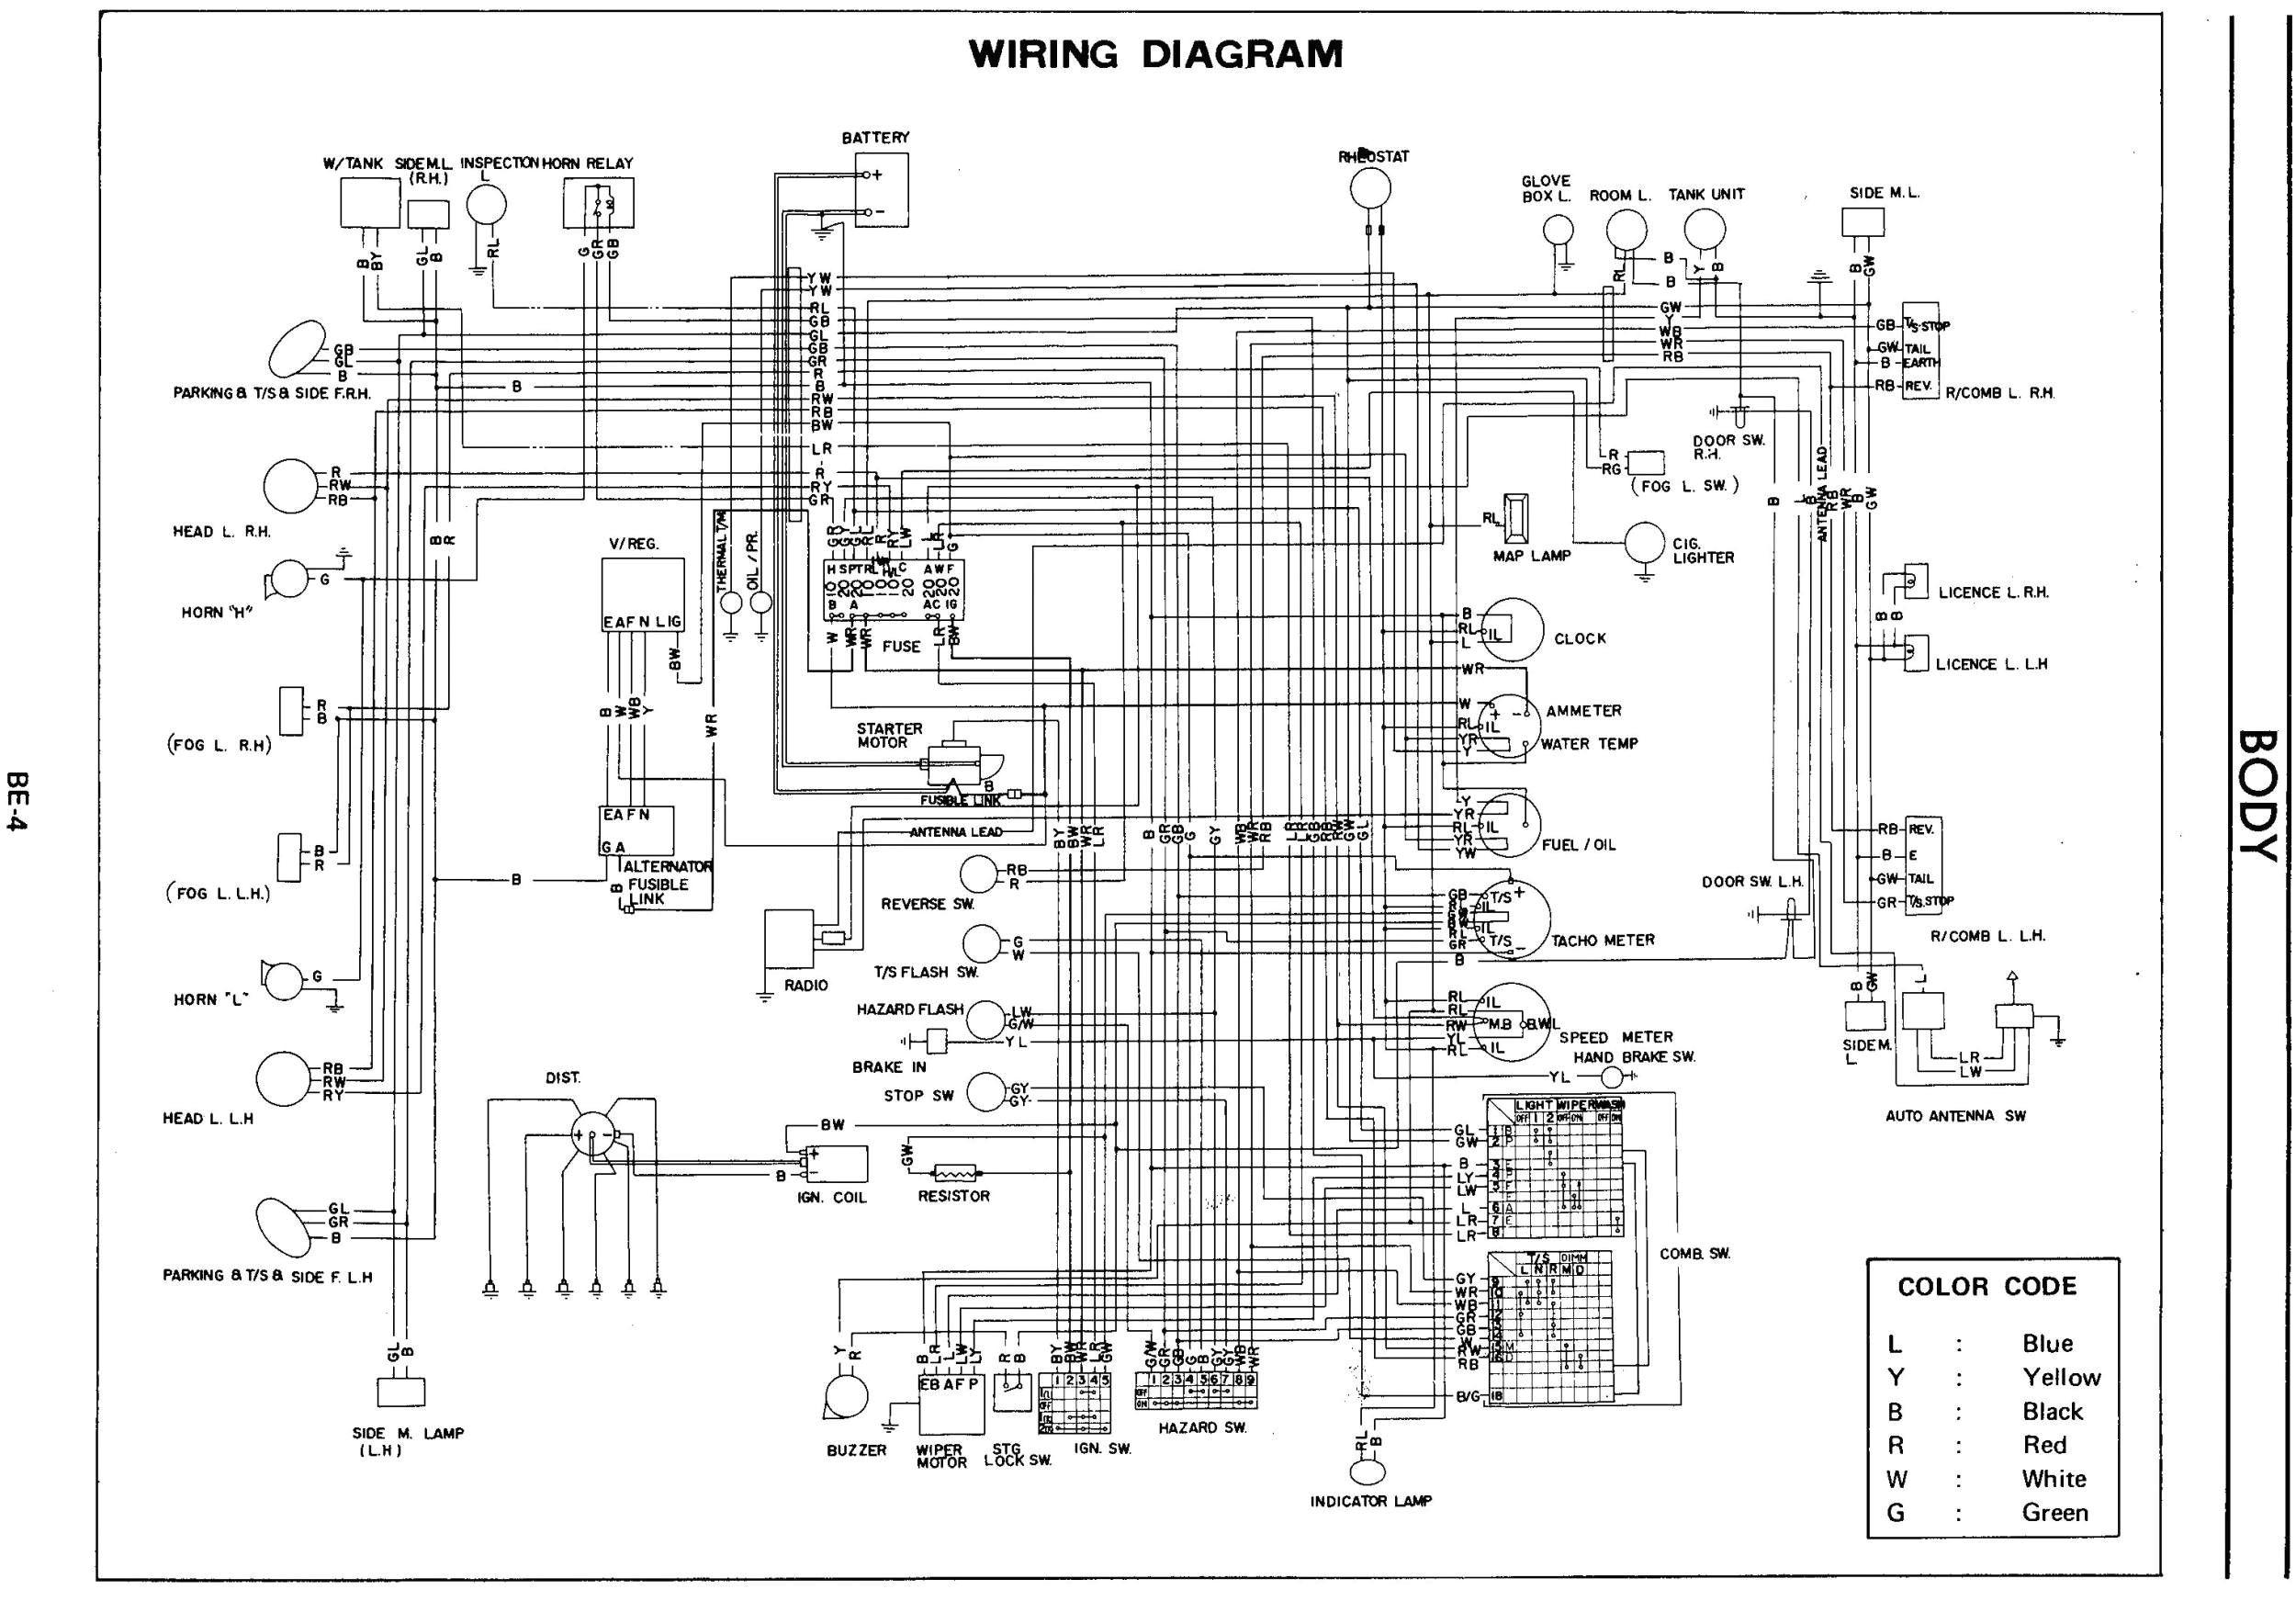 wiring diagram mercedes benz e320 schema wiring diagram mercedes benz ac wiring diagram